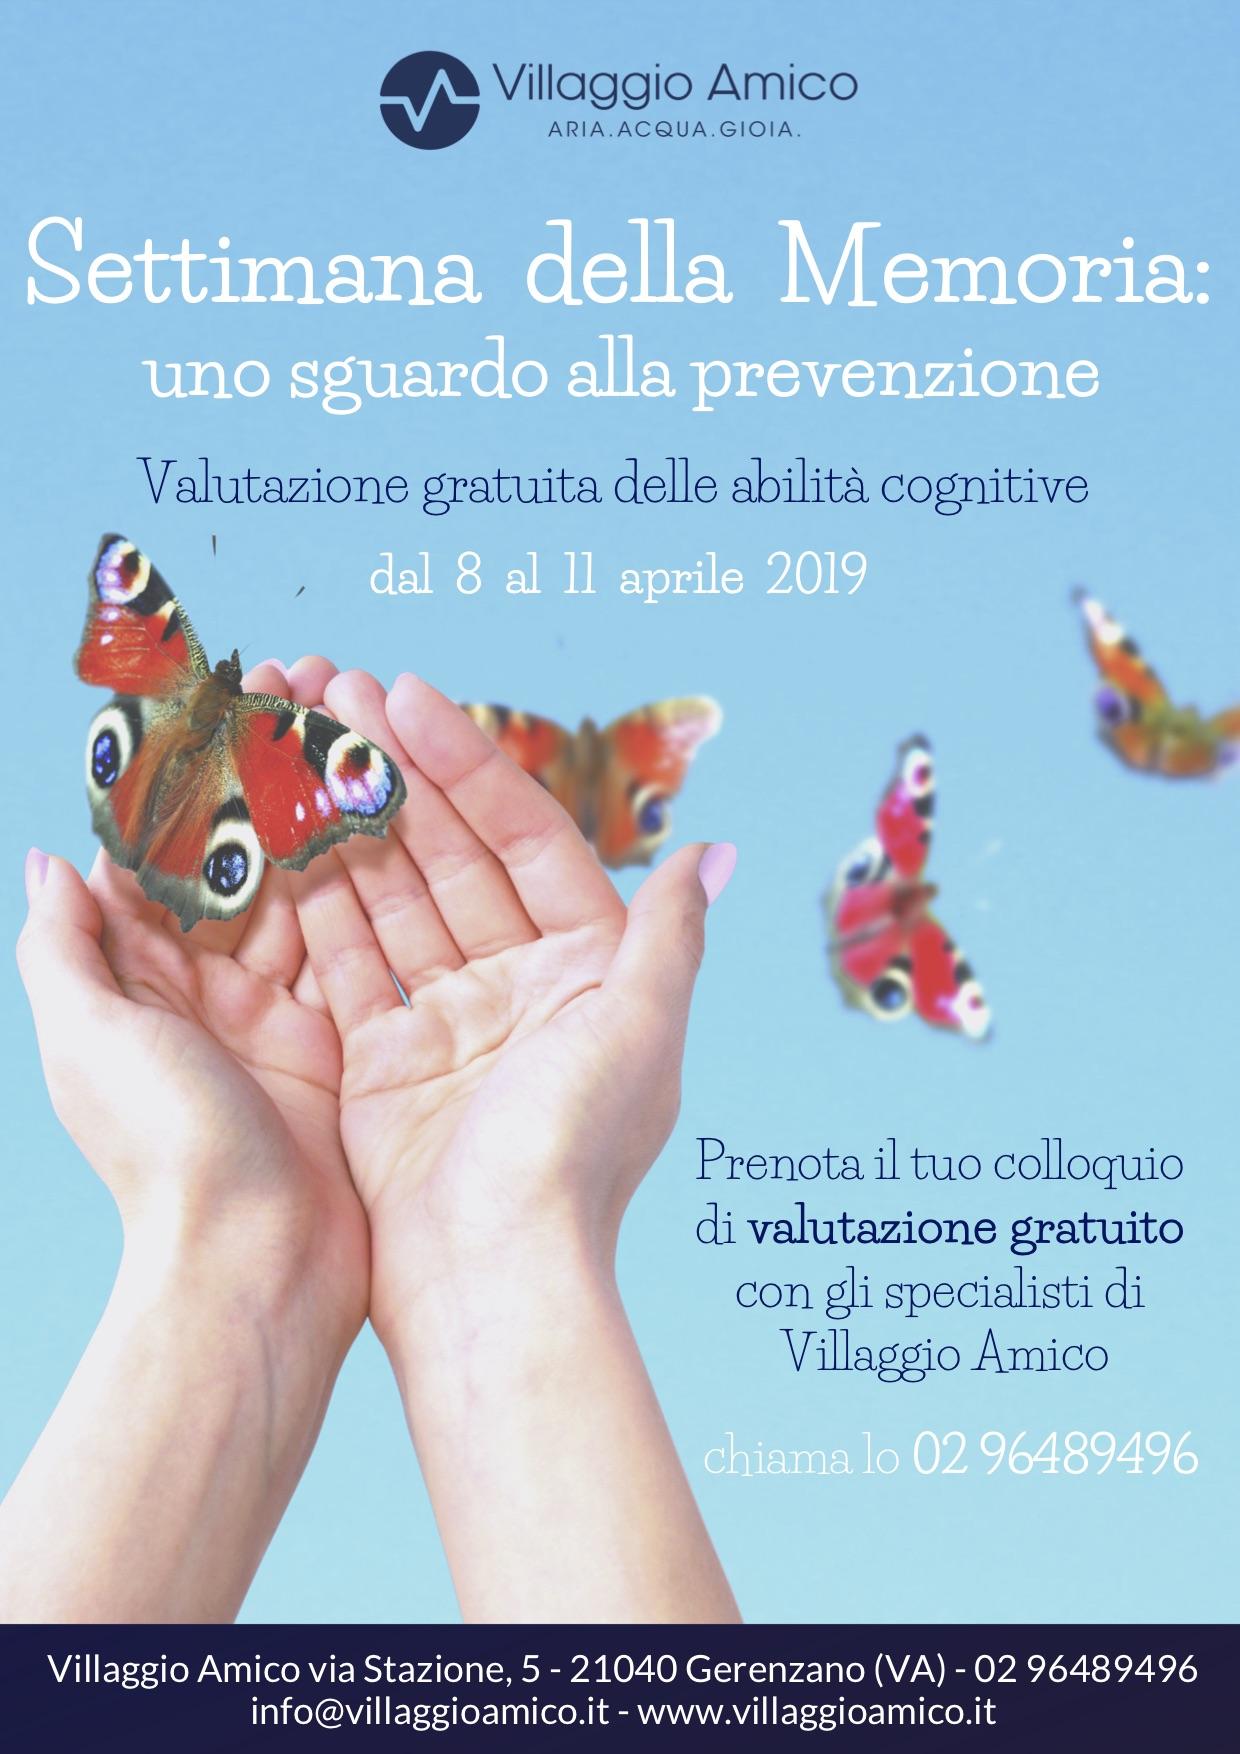 Settimana della memoria: a Villaggio Amico una valutazione cognitiva gratuita con la psicologa Michela Strozzi per la prevenzione dei disturbi della memoria